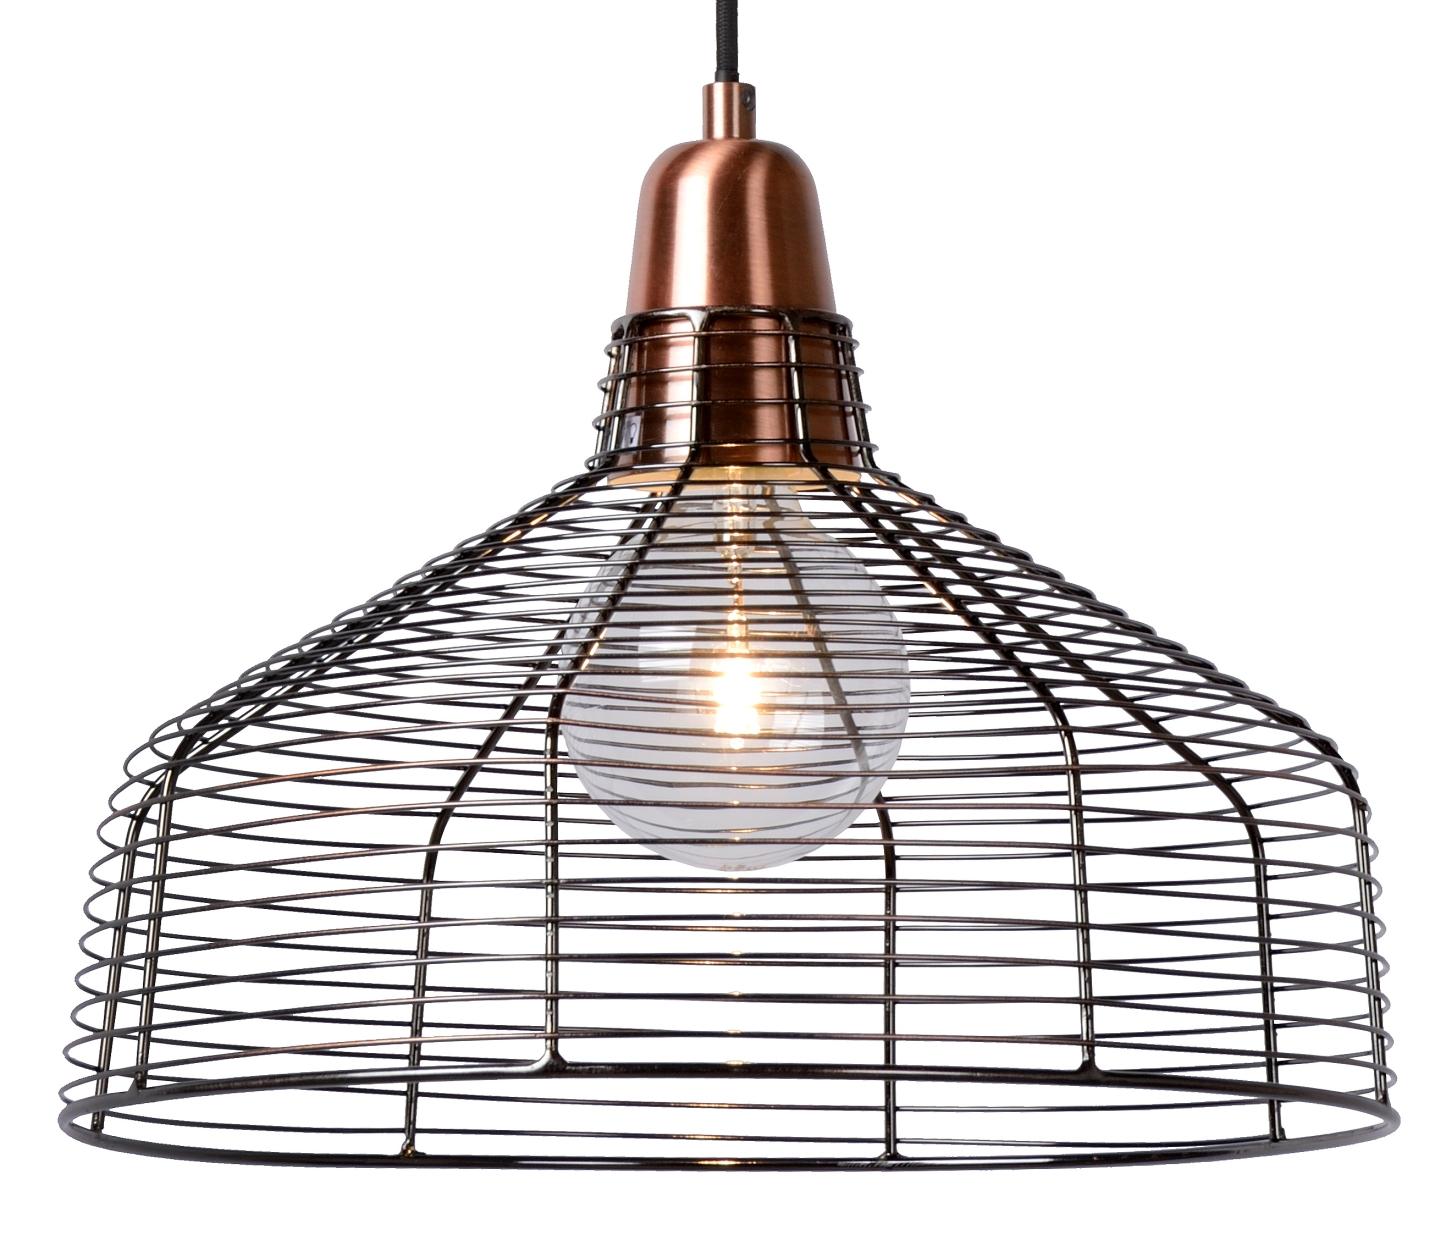 Lucide Hanglamp Moino -Ø35 Cm - Koper Kleur